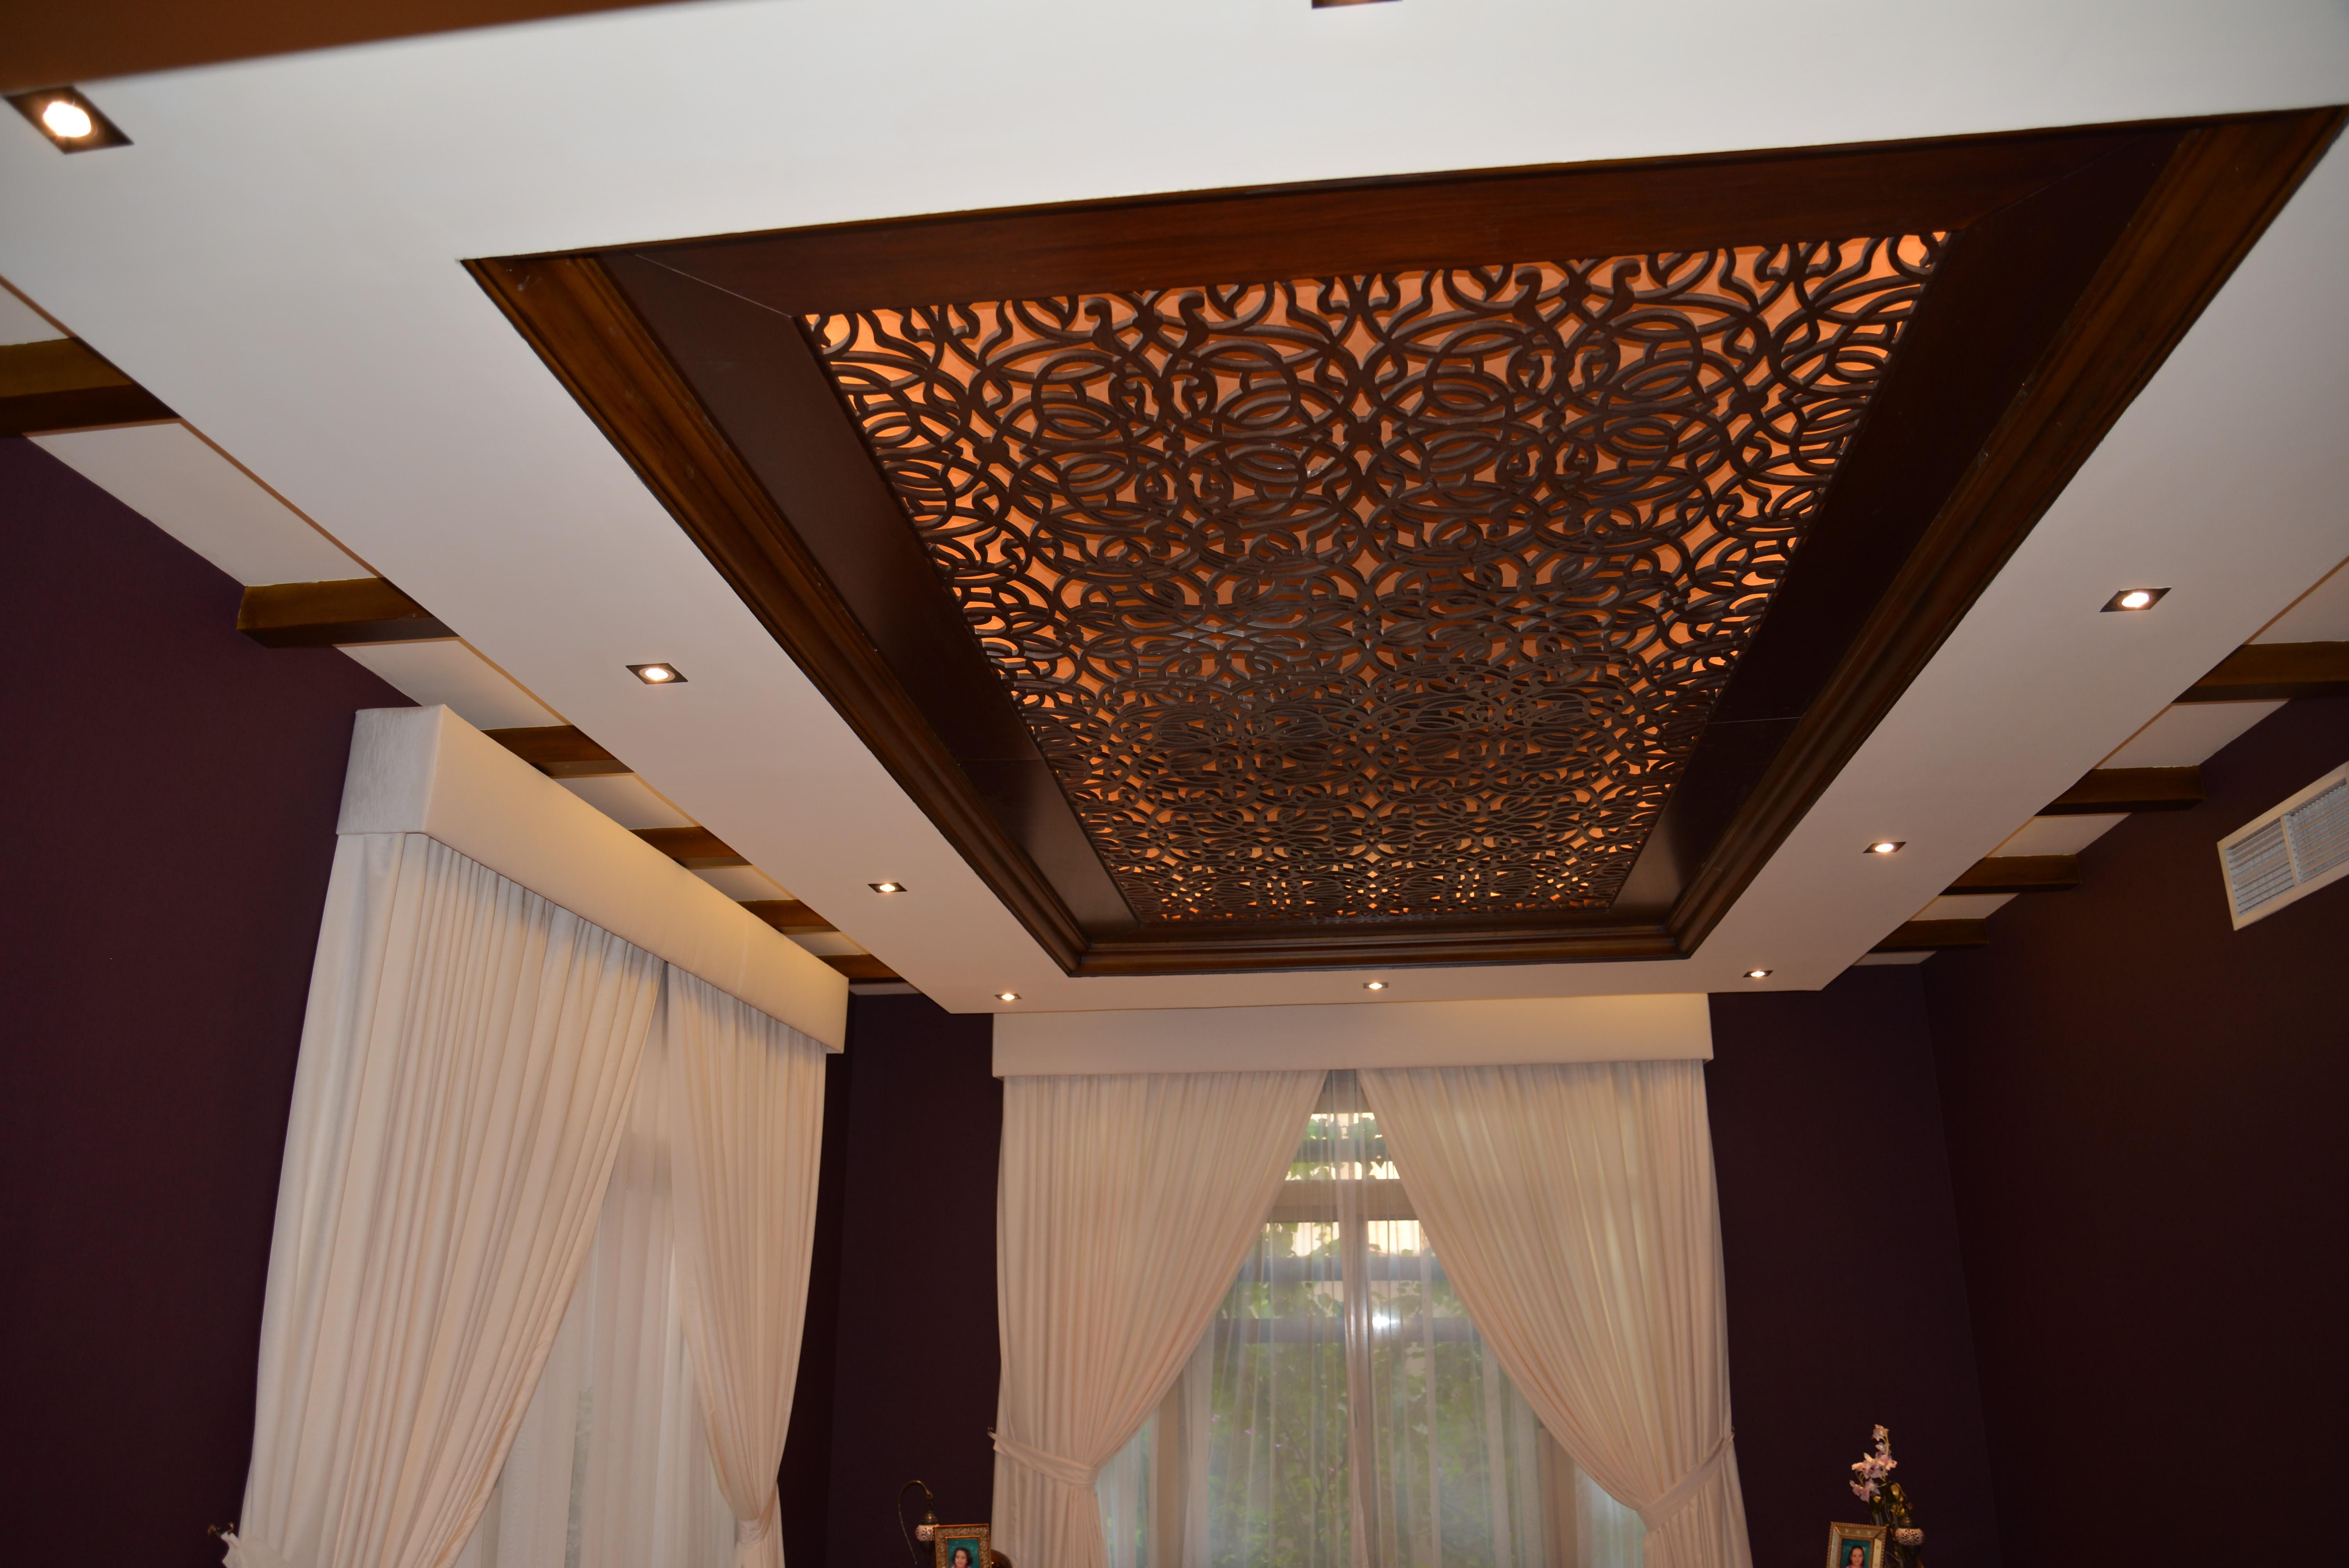 Villa Abu Dhabi